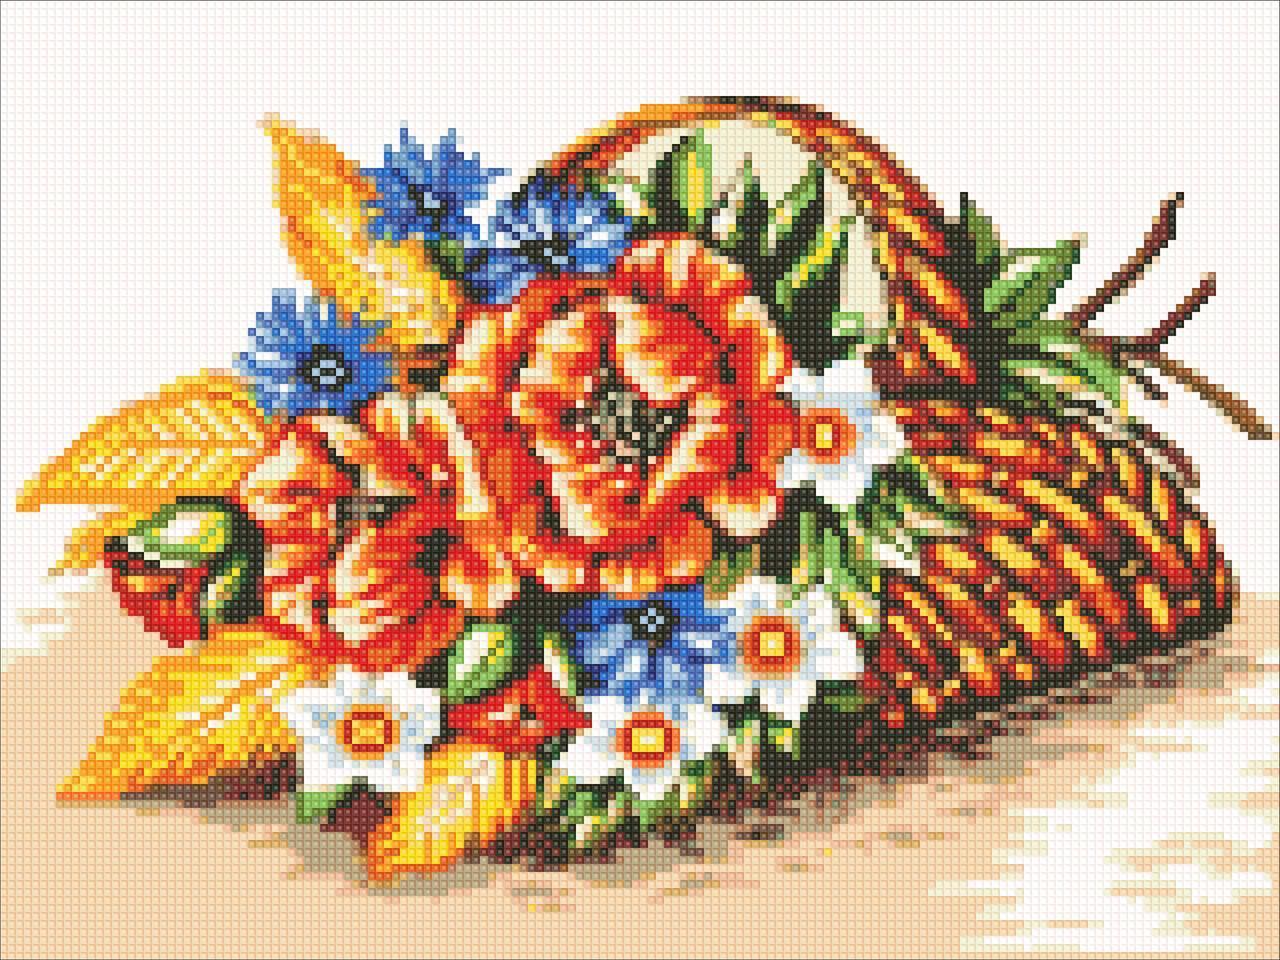 Алмазная мозаика Полевые цветы DM-307 40х30см Полная зашивка. Набор алмазной вышивки цветы